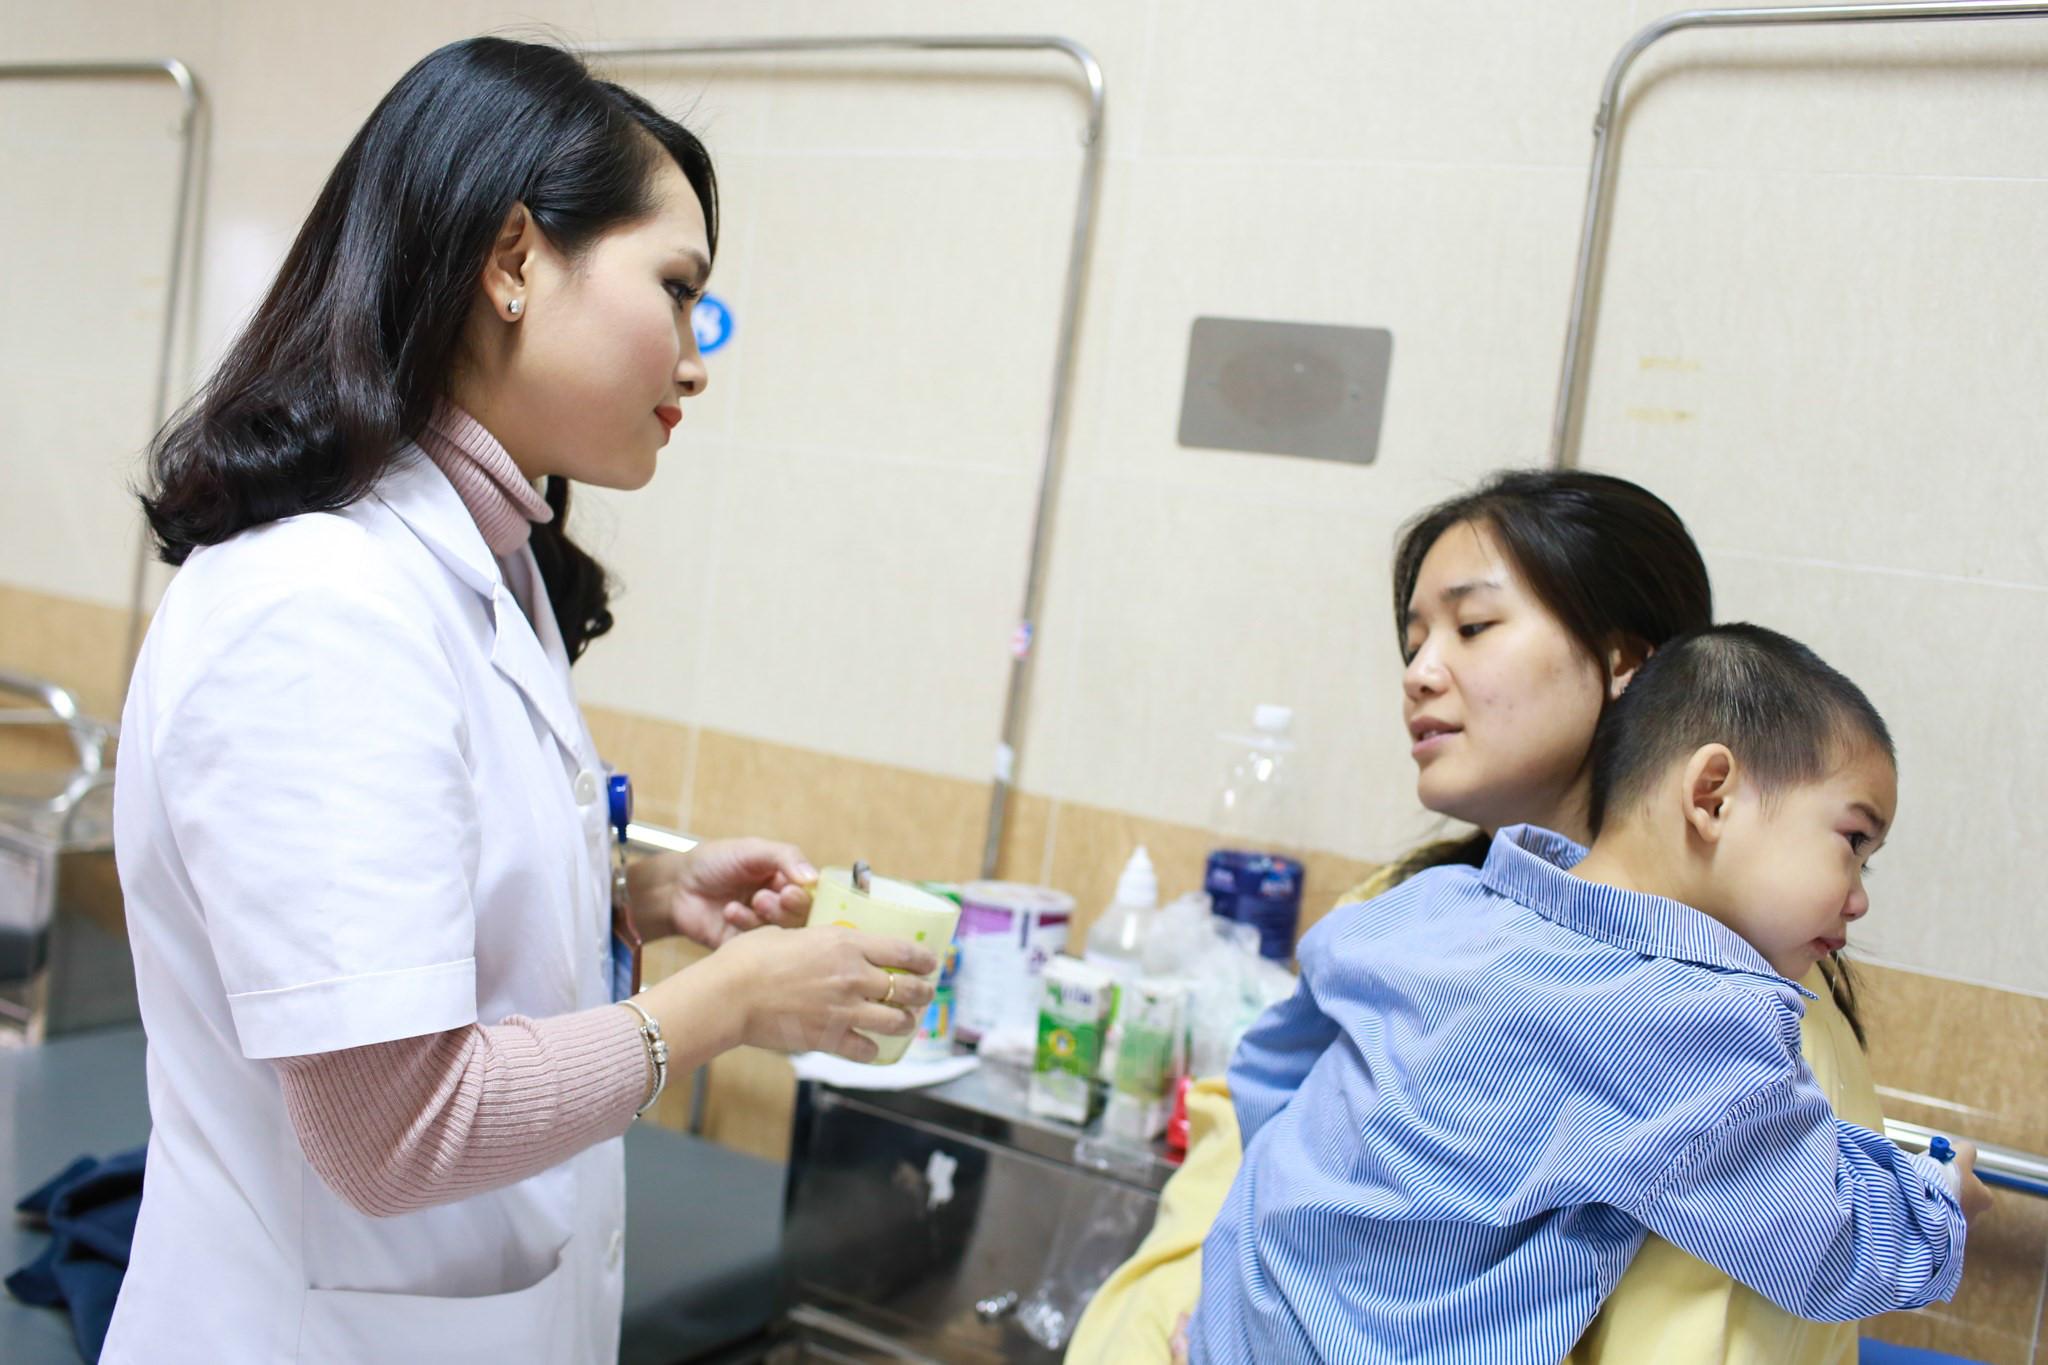 Cơ hội nghề nghiệp khi học ngành Điều dưỡng